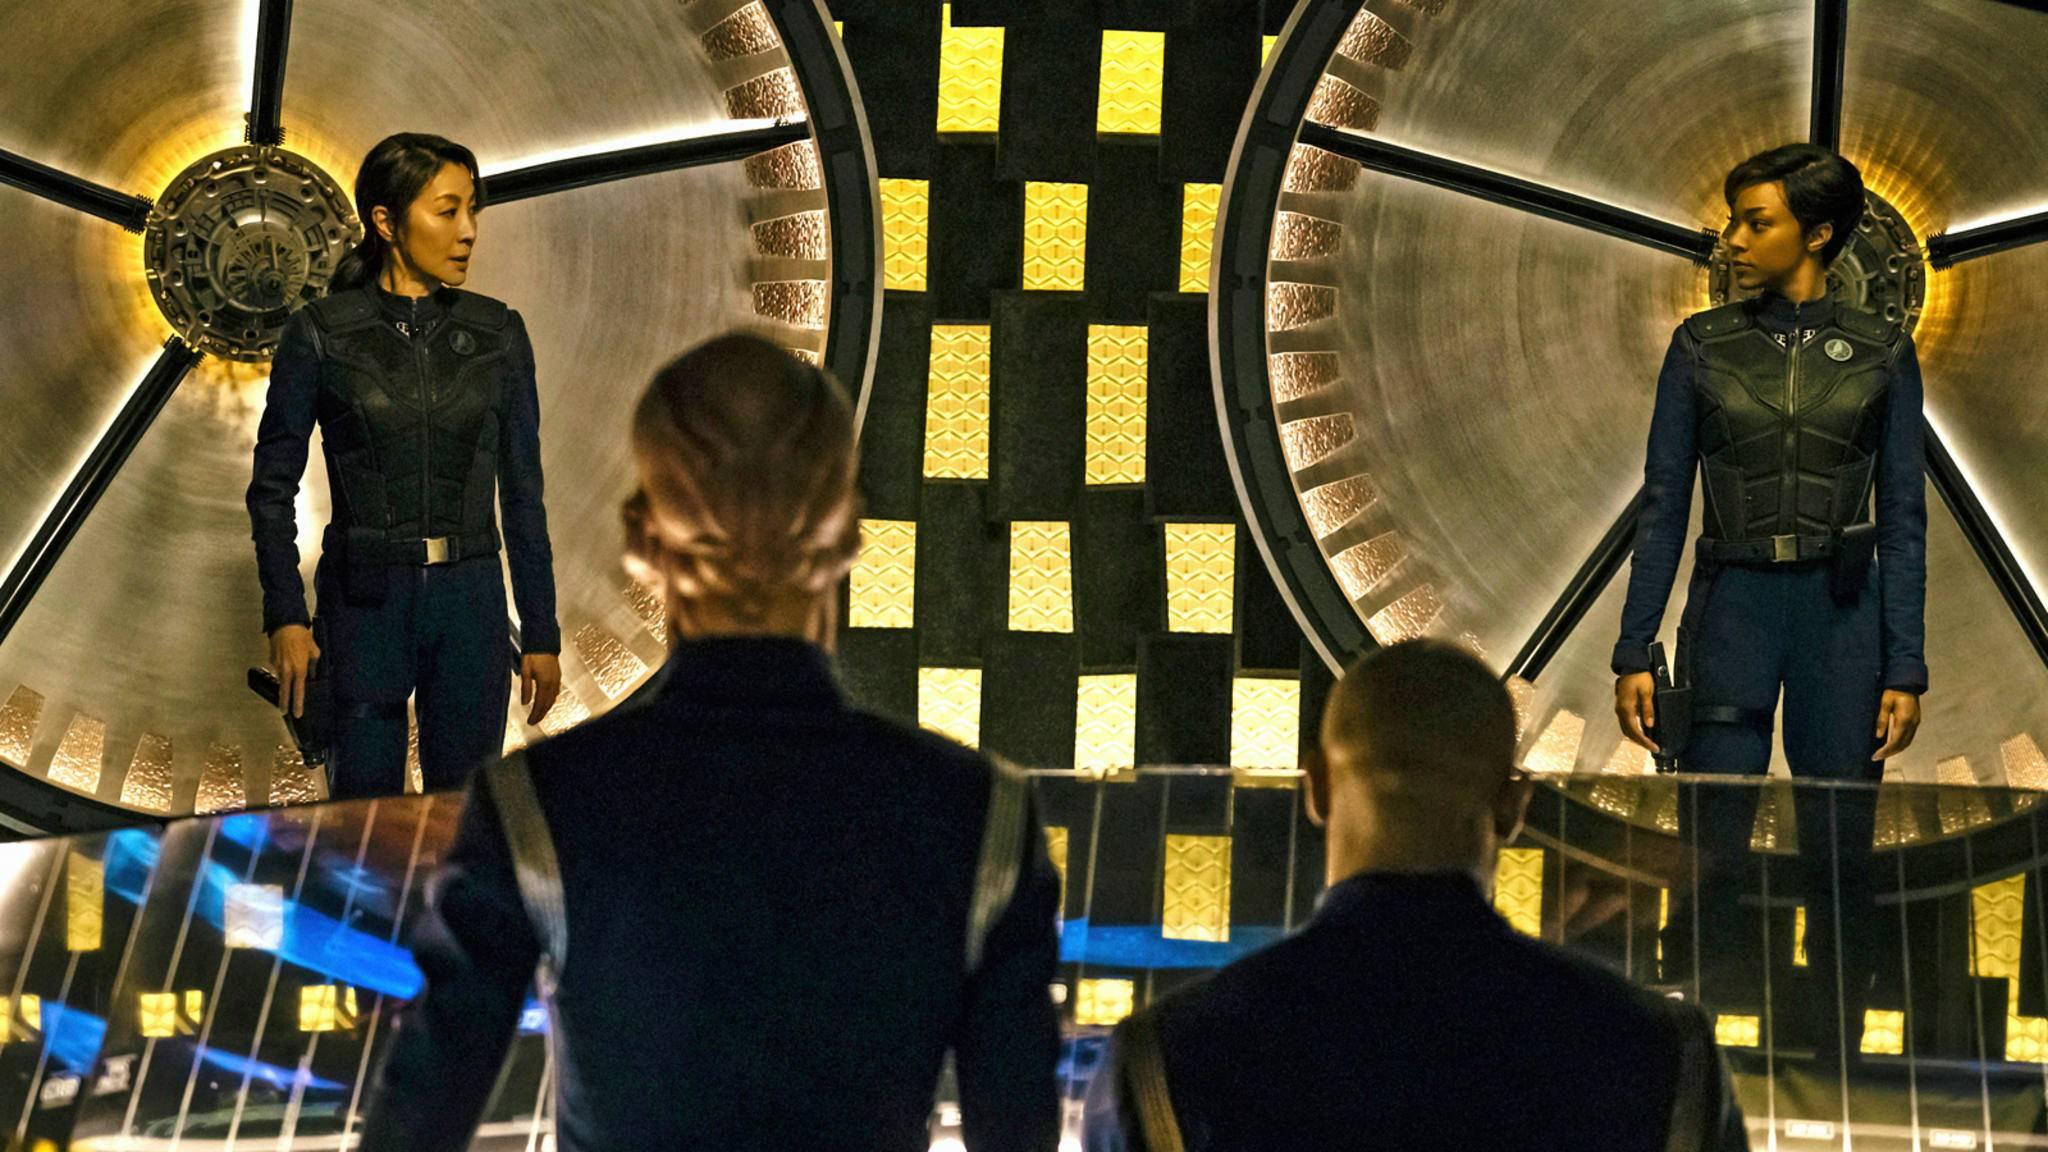 Endlich wissen wir, wie die Crew der U.S.S. Discovery mit der der Enterprise verbunden ist.